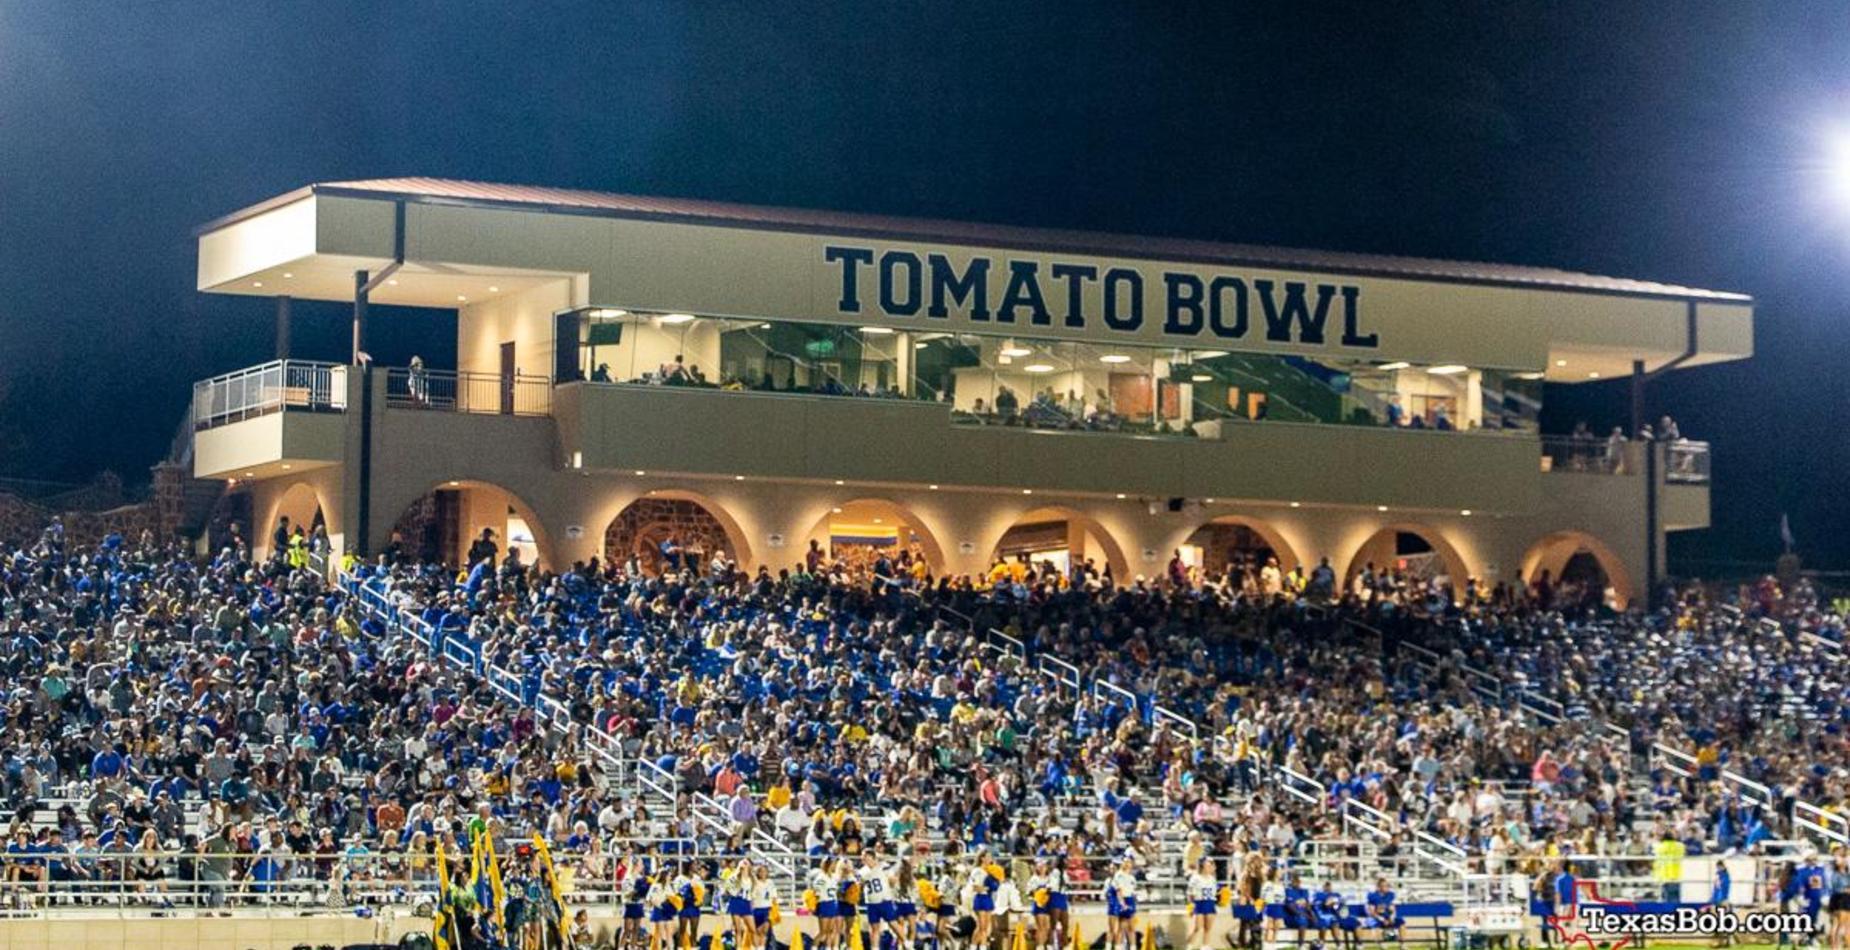 crowd at stadium